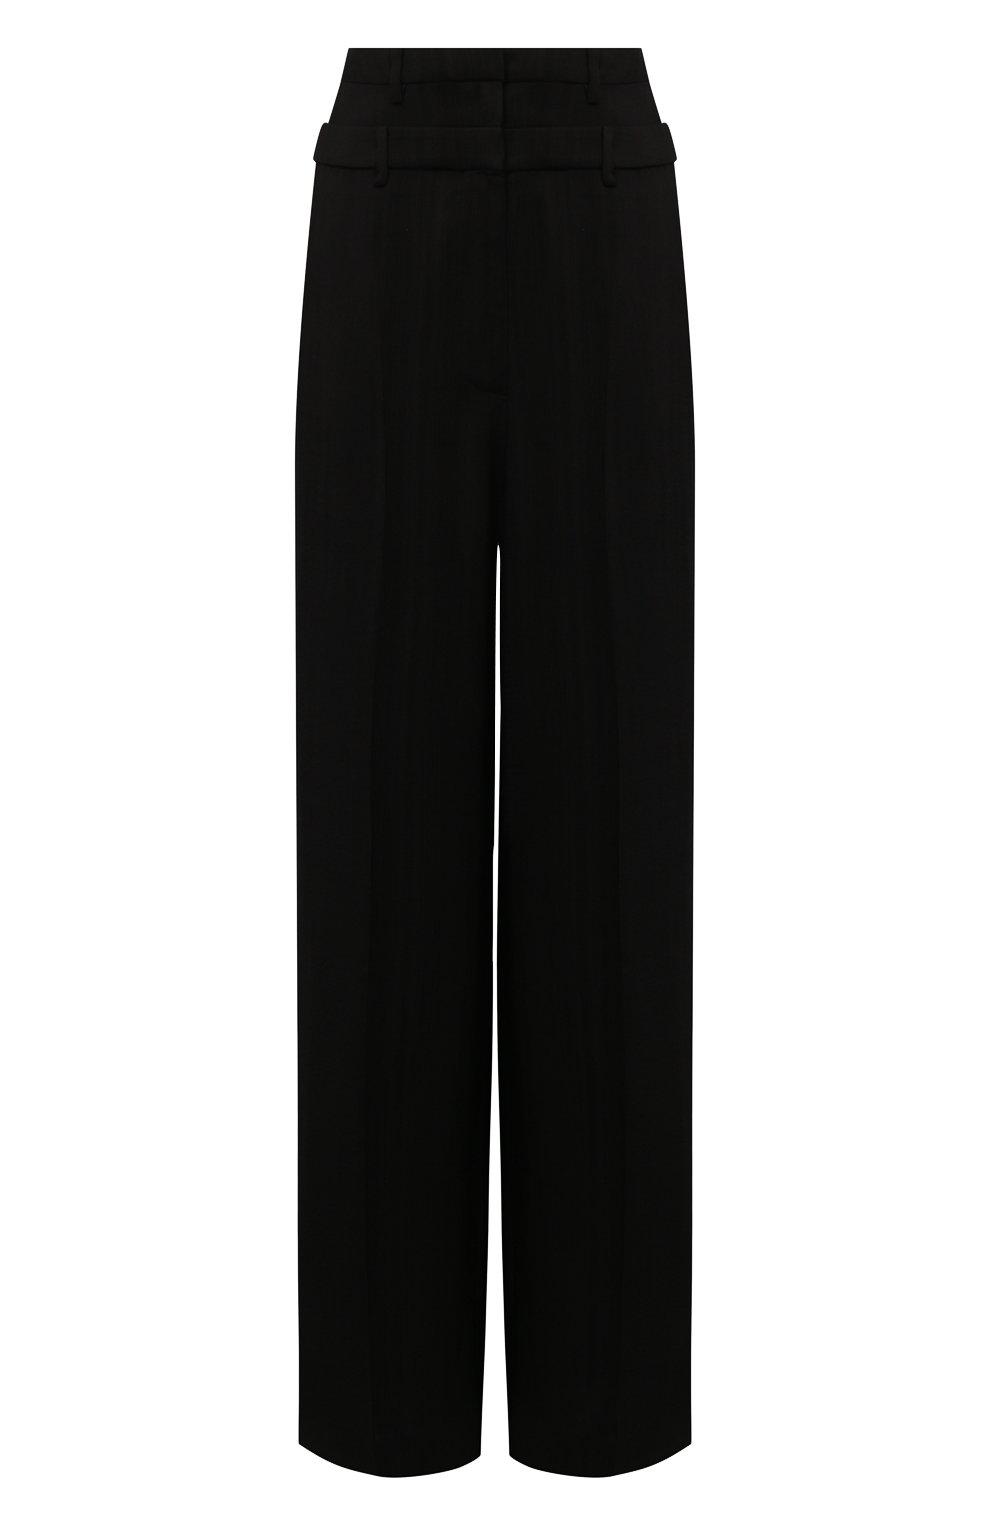 Женские брюки из вискозы REJINA PYO черного цвета, арт. E140/VISC0SE   Фото 1 (Длина (брюки, джинсы): Стандартные; Женское Кросс-КТ: Брюки-одежда; Силуэт Ж (брюки и джинсы): Прямые; Материал внешний: Вискоза; Стили: Кэжуэл)